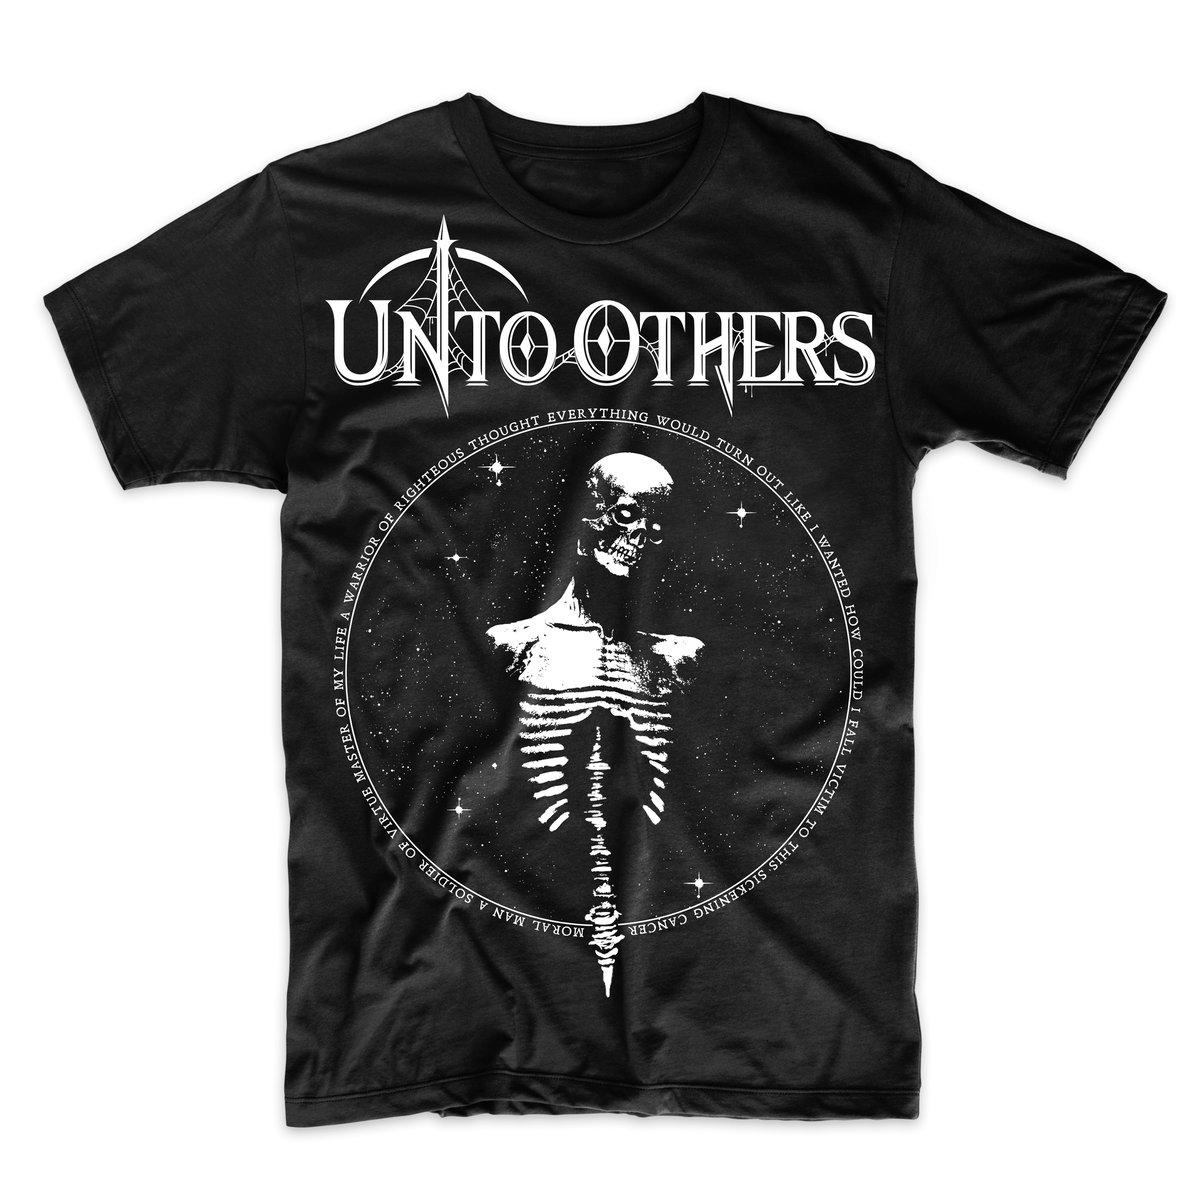 Sickening Cancer T-Shirt